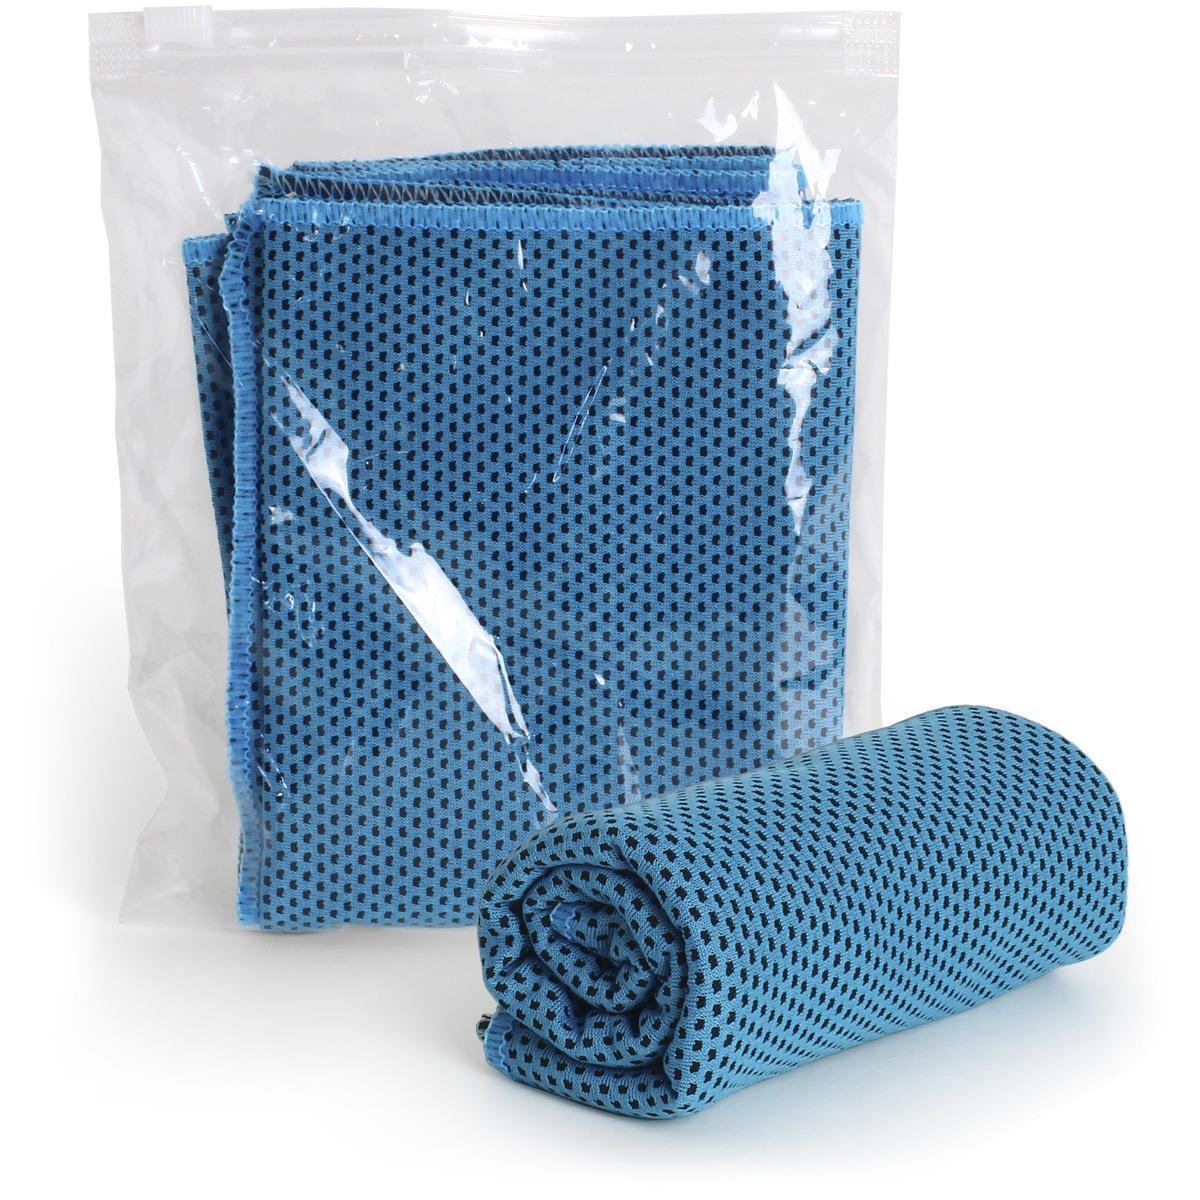 4x Mikrofaser Kühltuch Cooling Handtuch Kalt Ice Towel Eishandtuch Kühlhandtuch